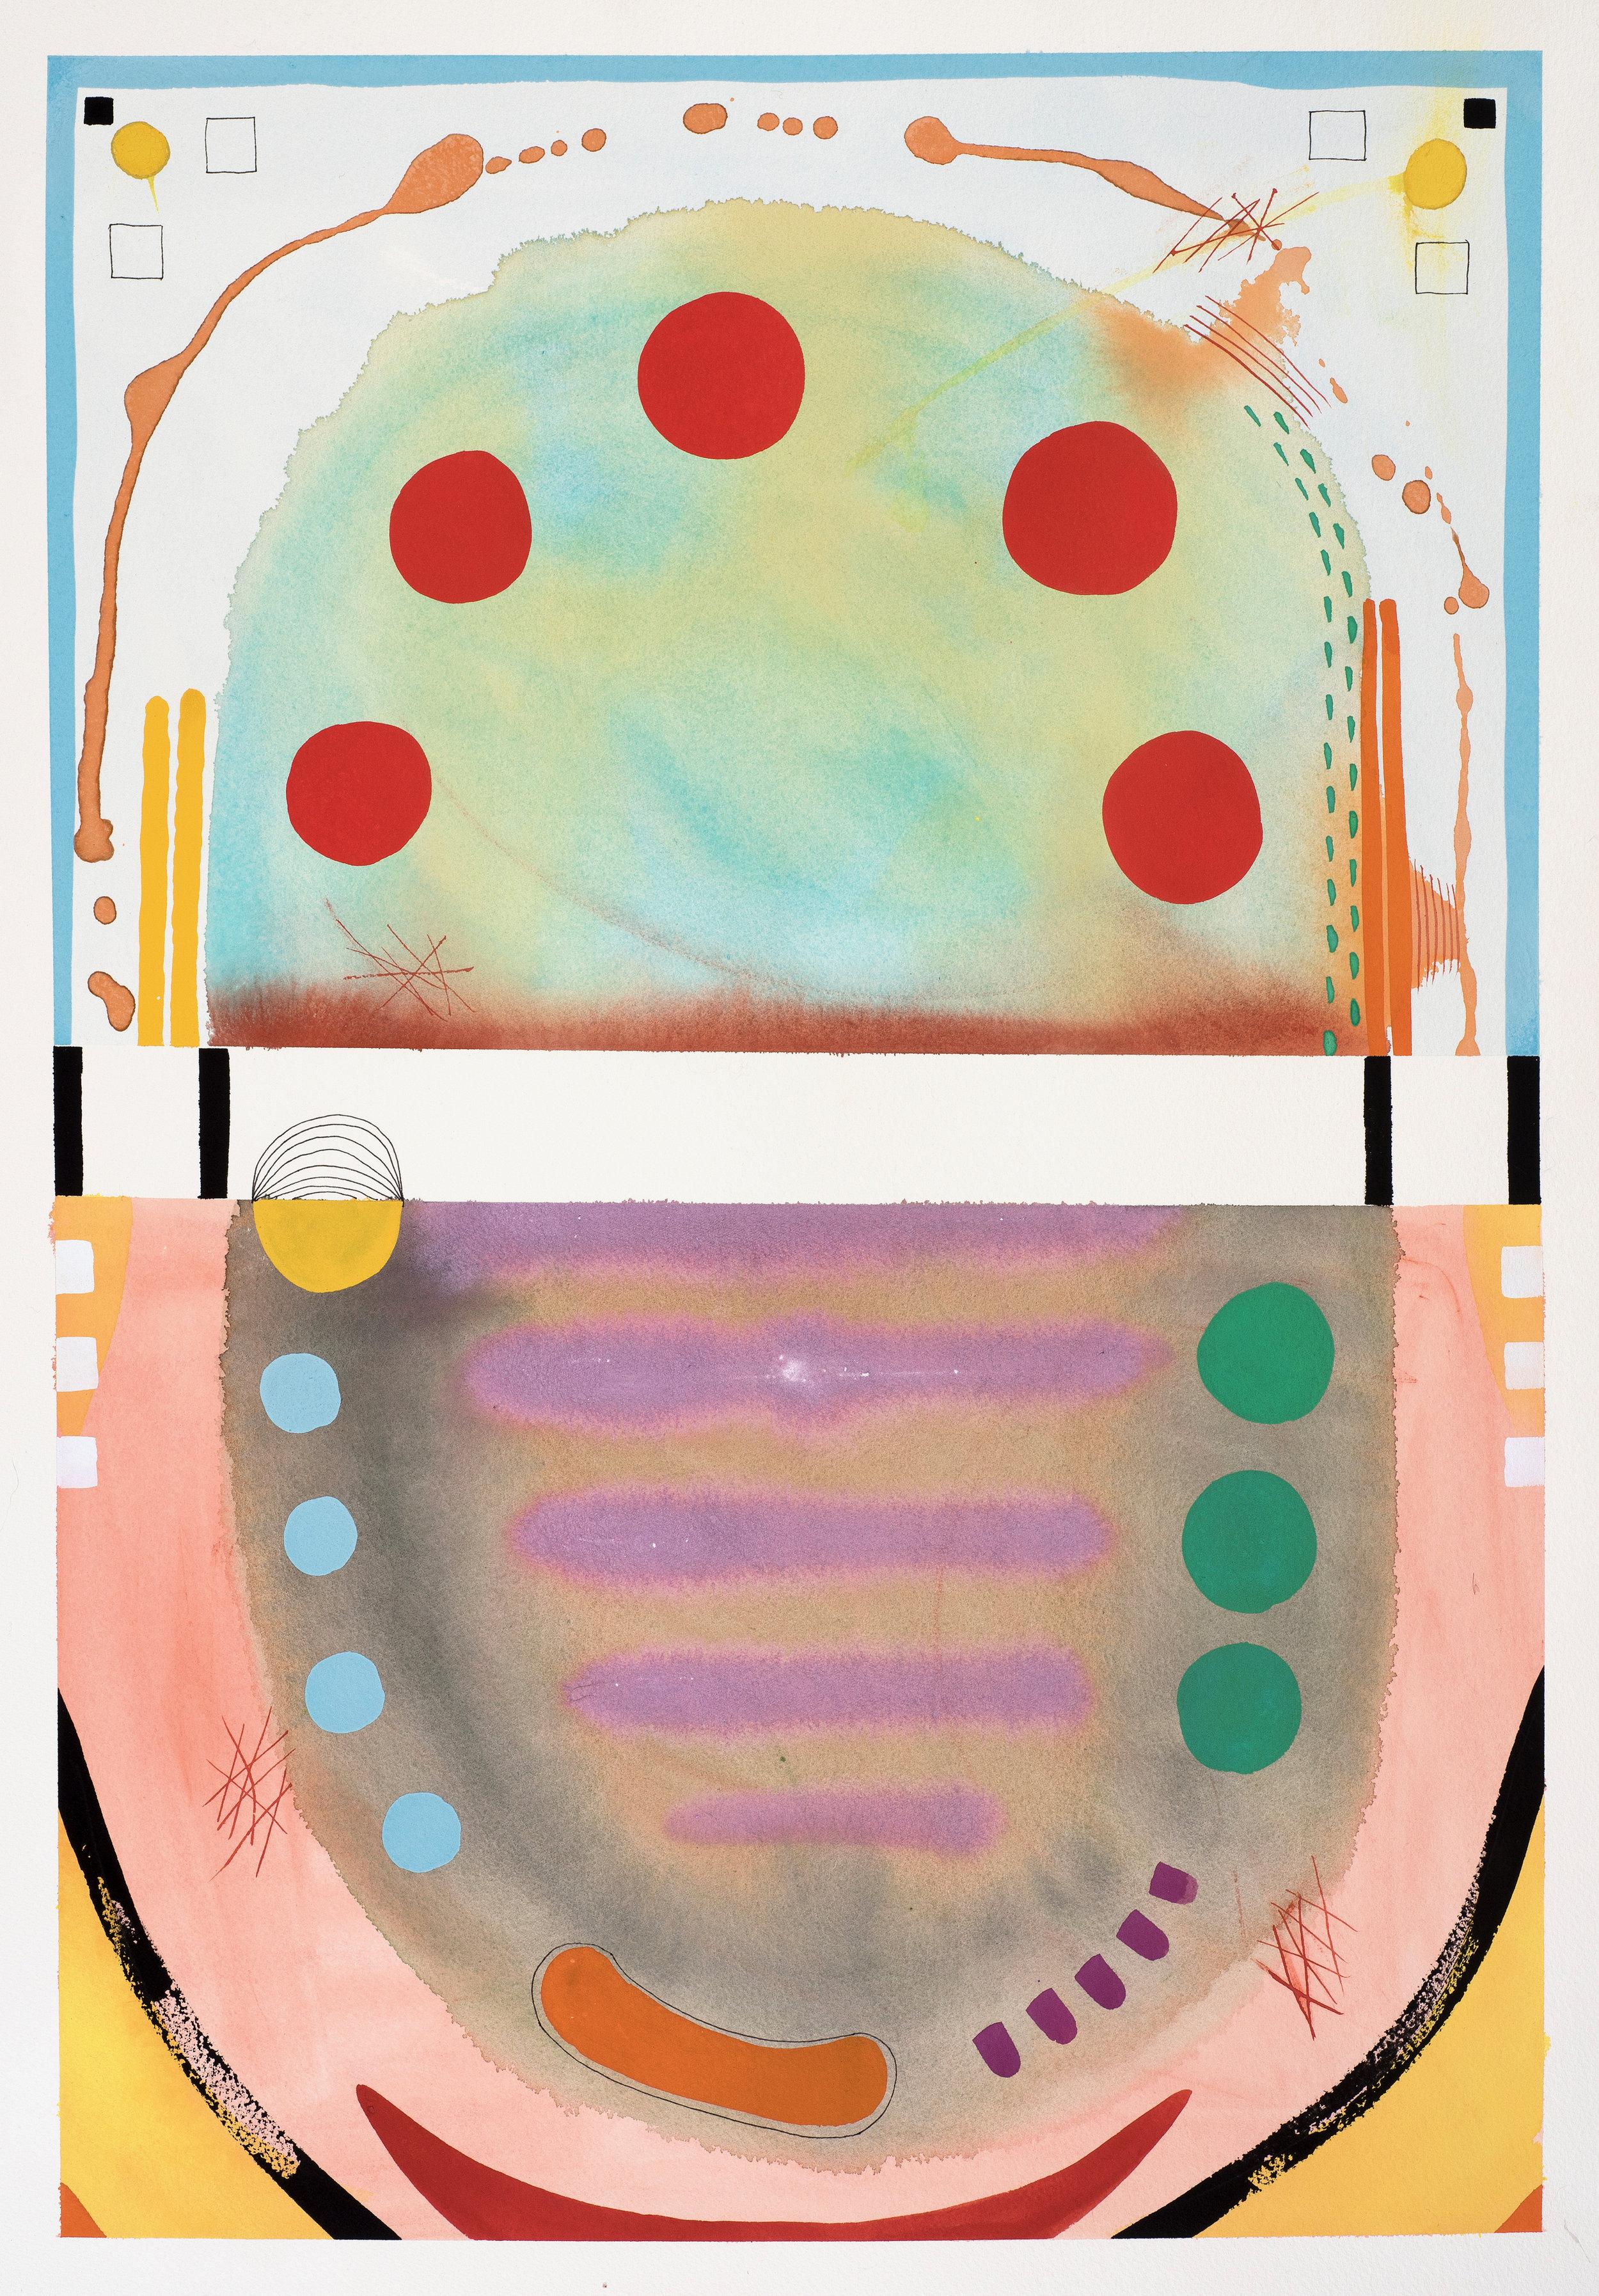 Contemplations 3, aqua & grey & red circles, gouache on paper, 78, 2019, 67.5 x 46 cm